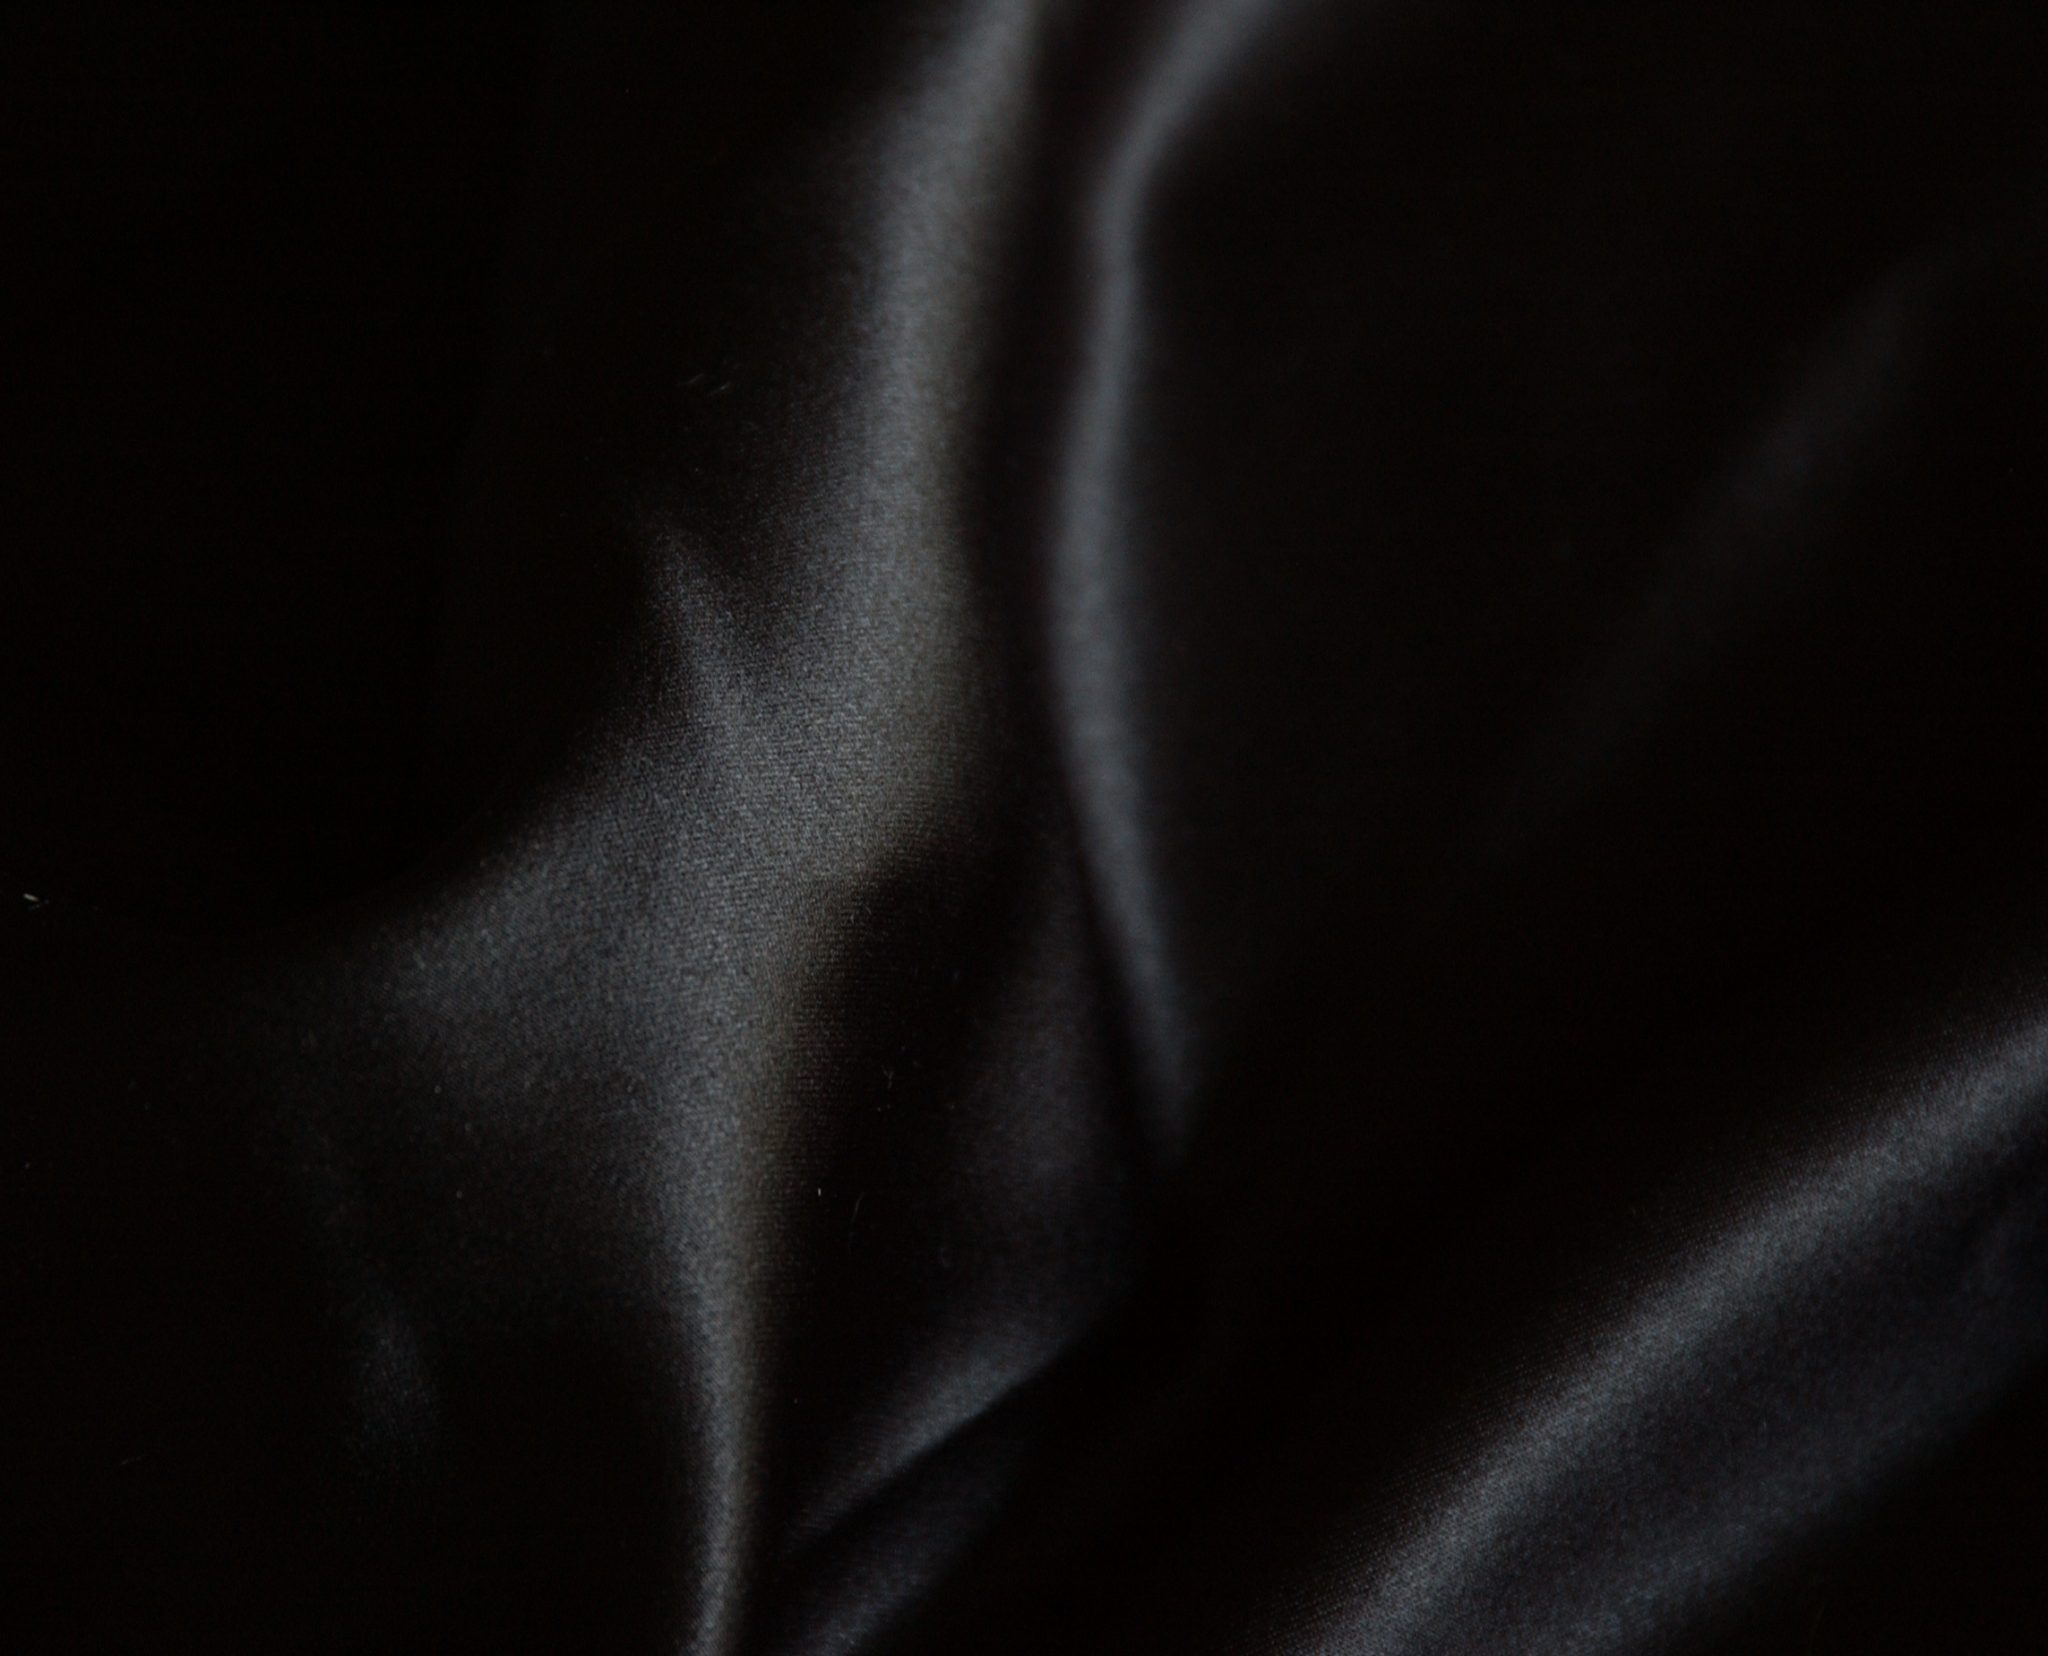 sash-satin-black-pic-1.jpg